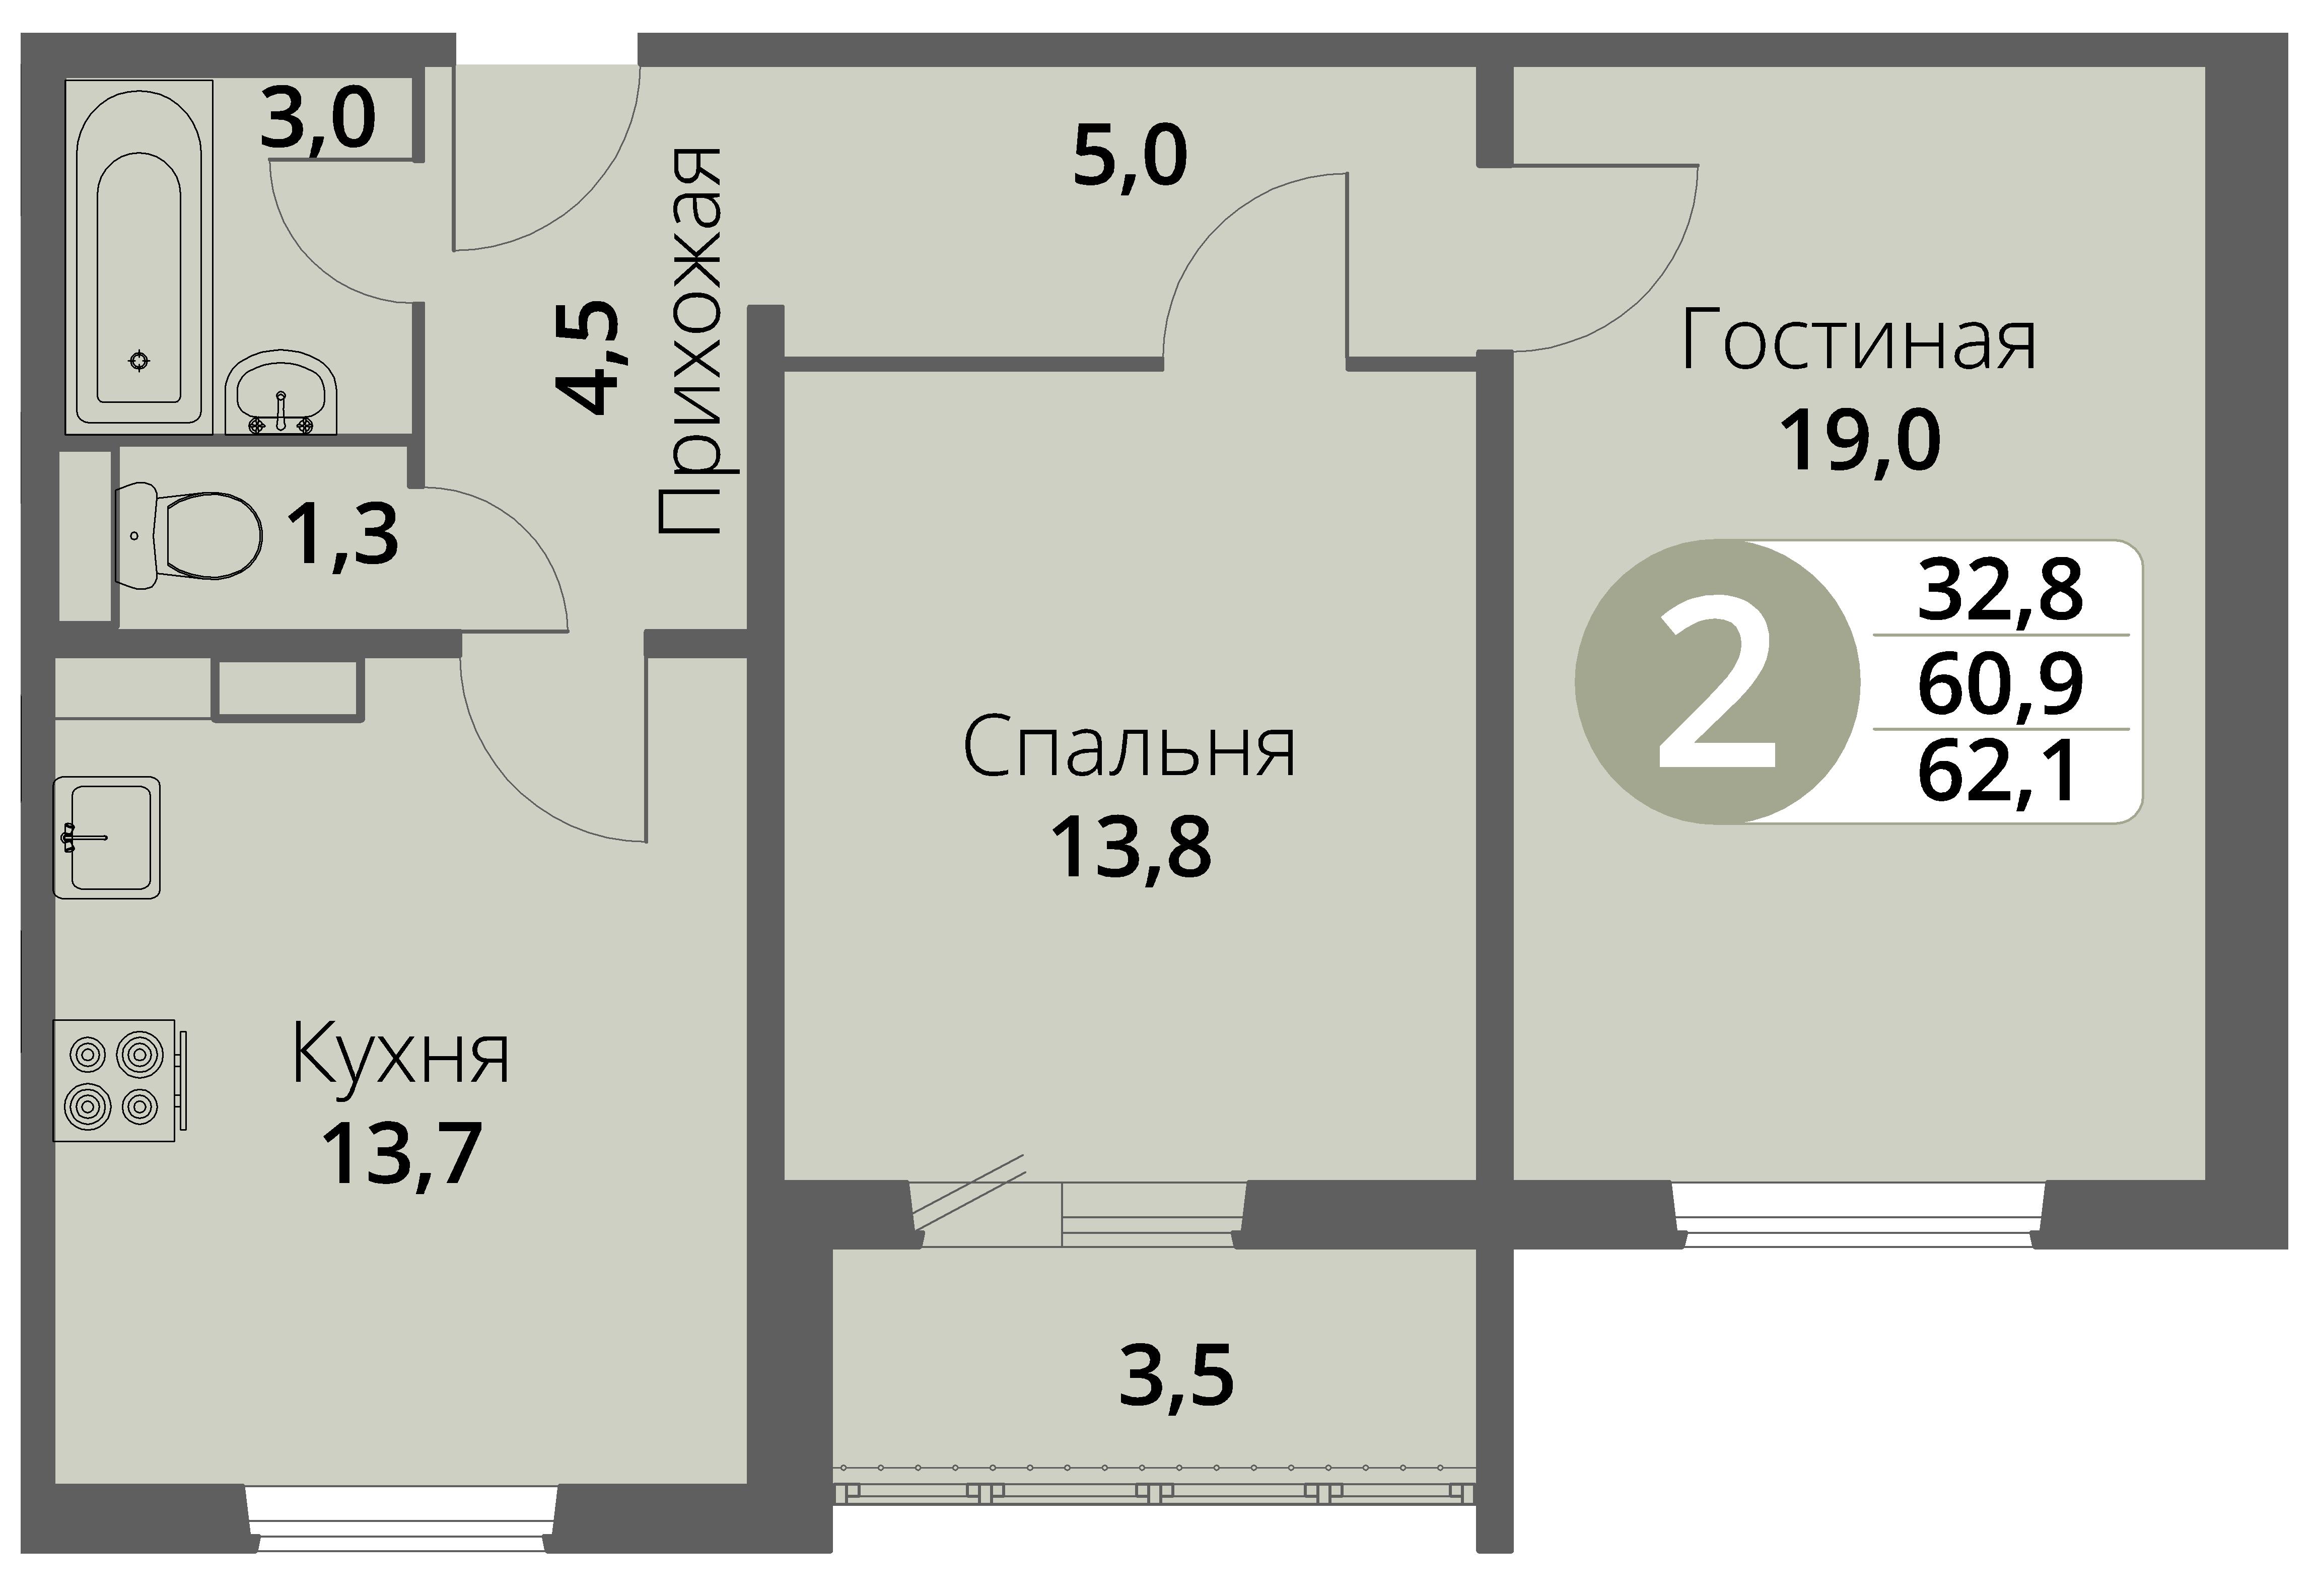 Зареченская 1-1, квартира 67 - Двухкомнатная